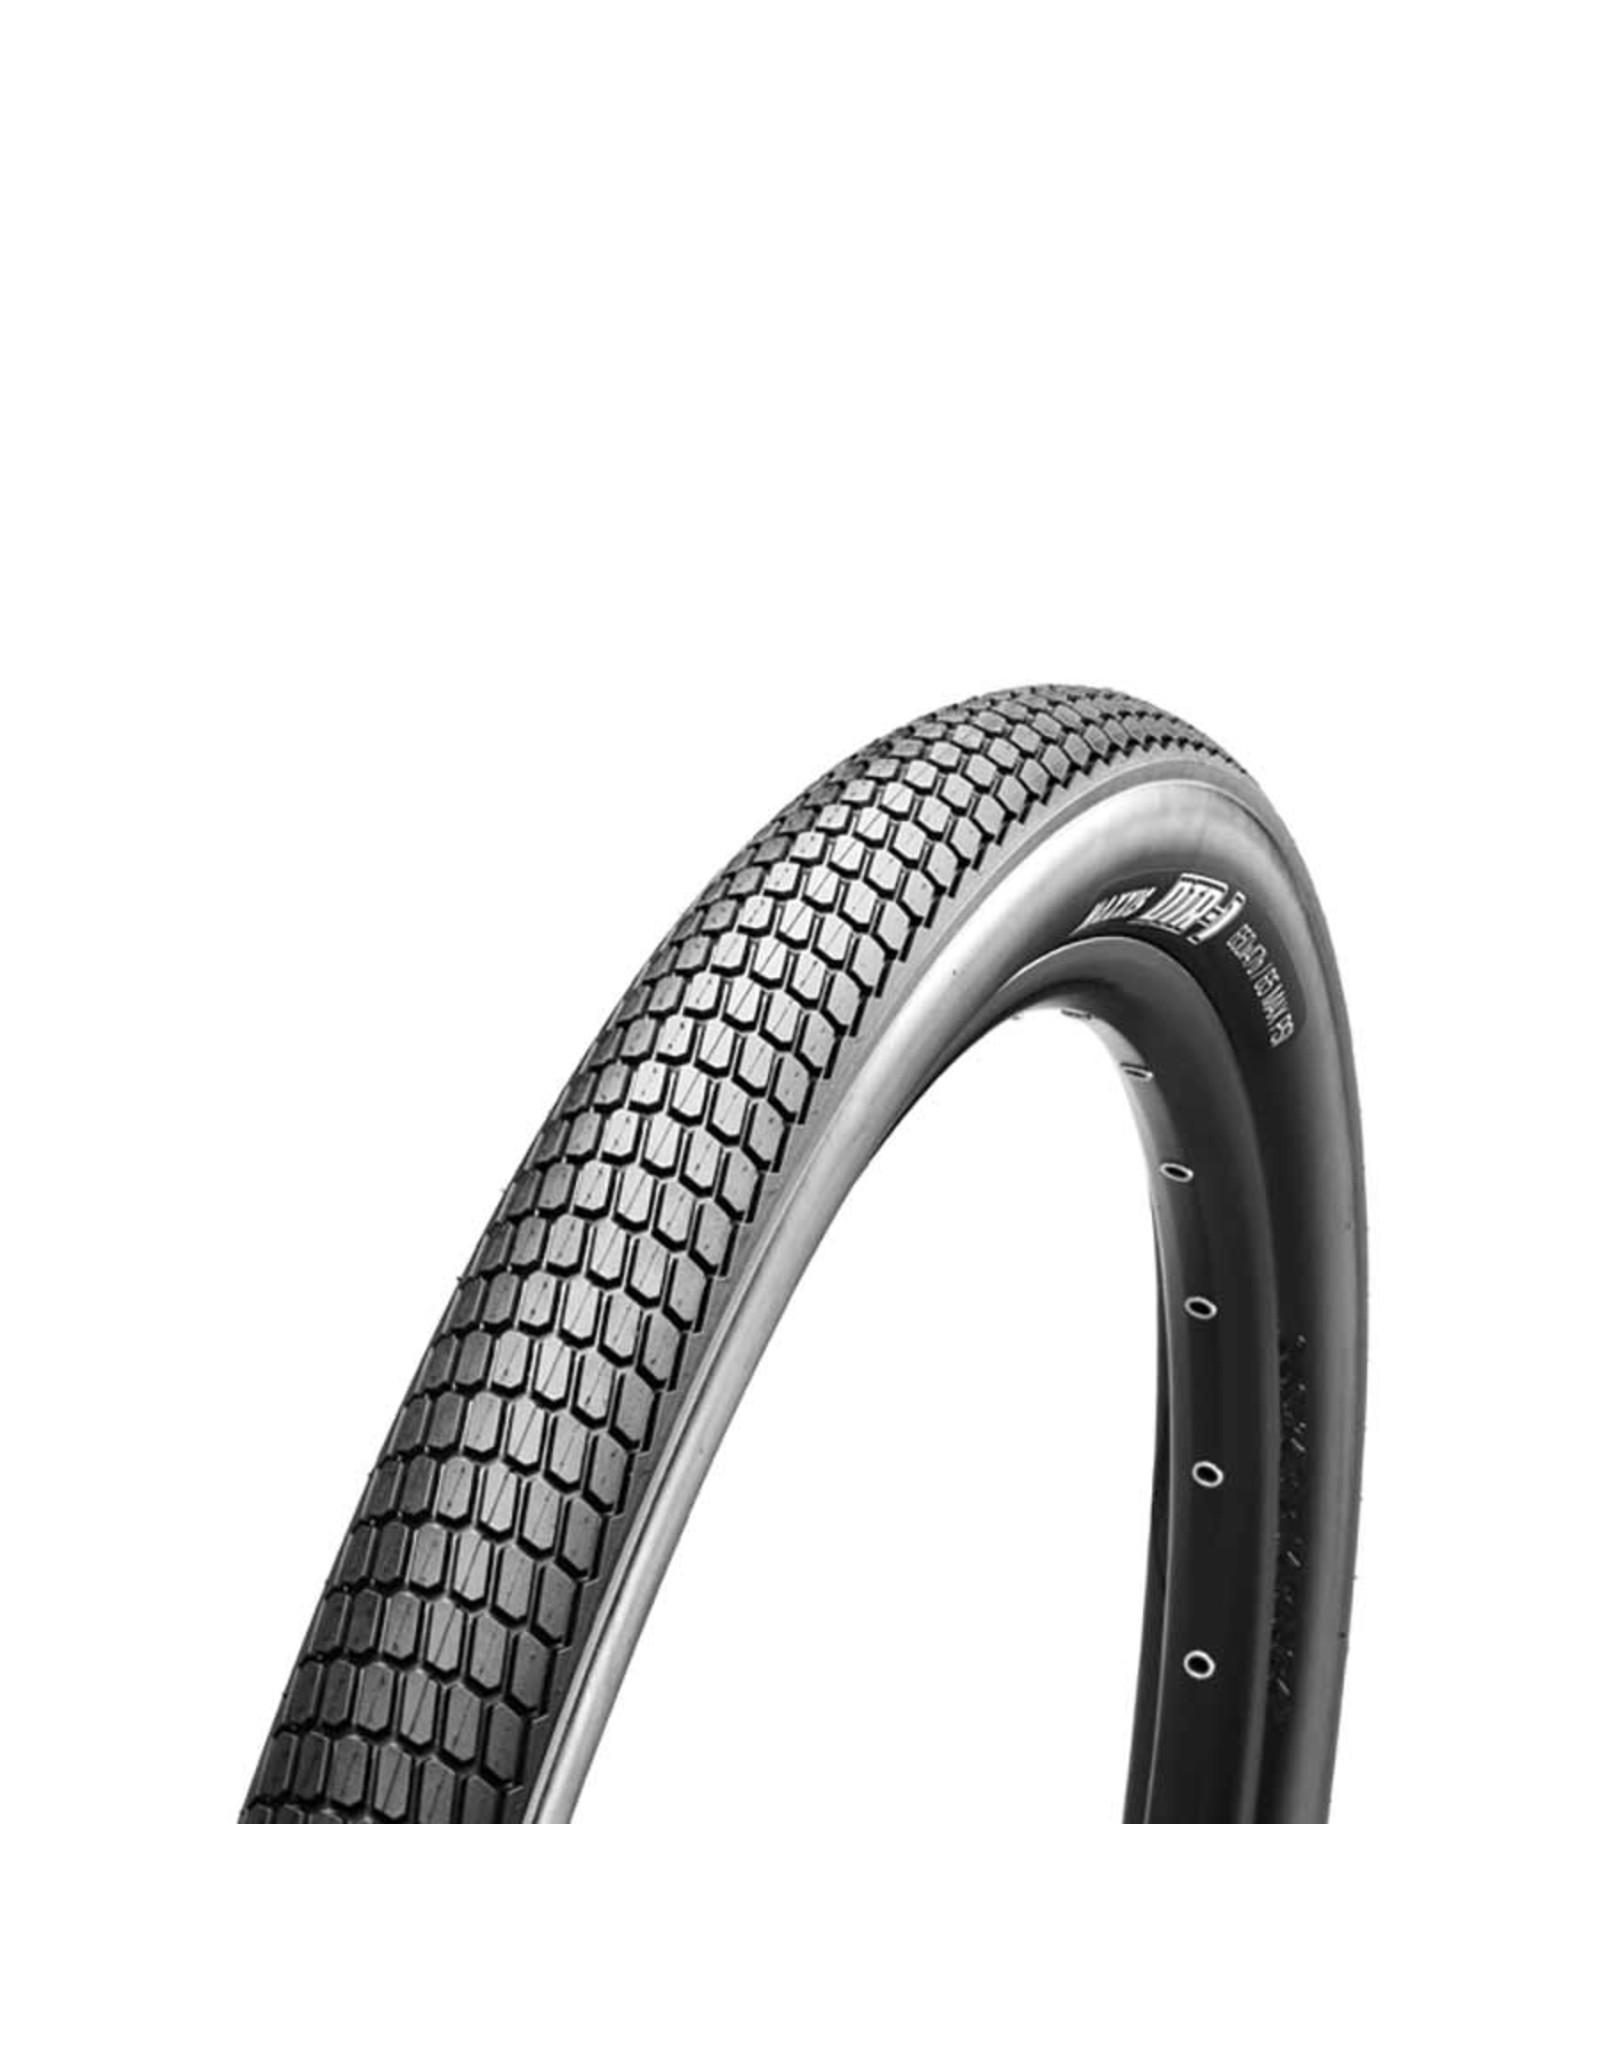 Maxxis Maxxis, DTR-1, Tire, 650x47C, Folding, Clincher, Dual, 60TPI, Black